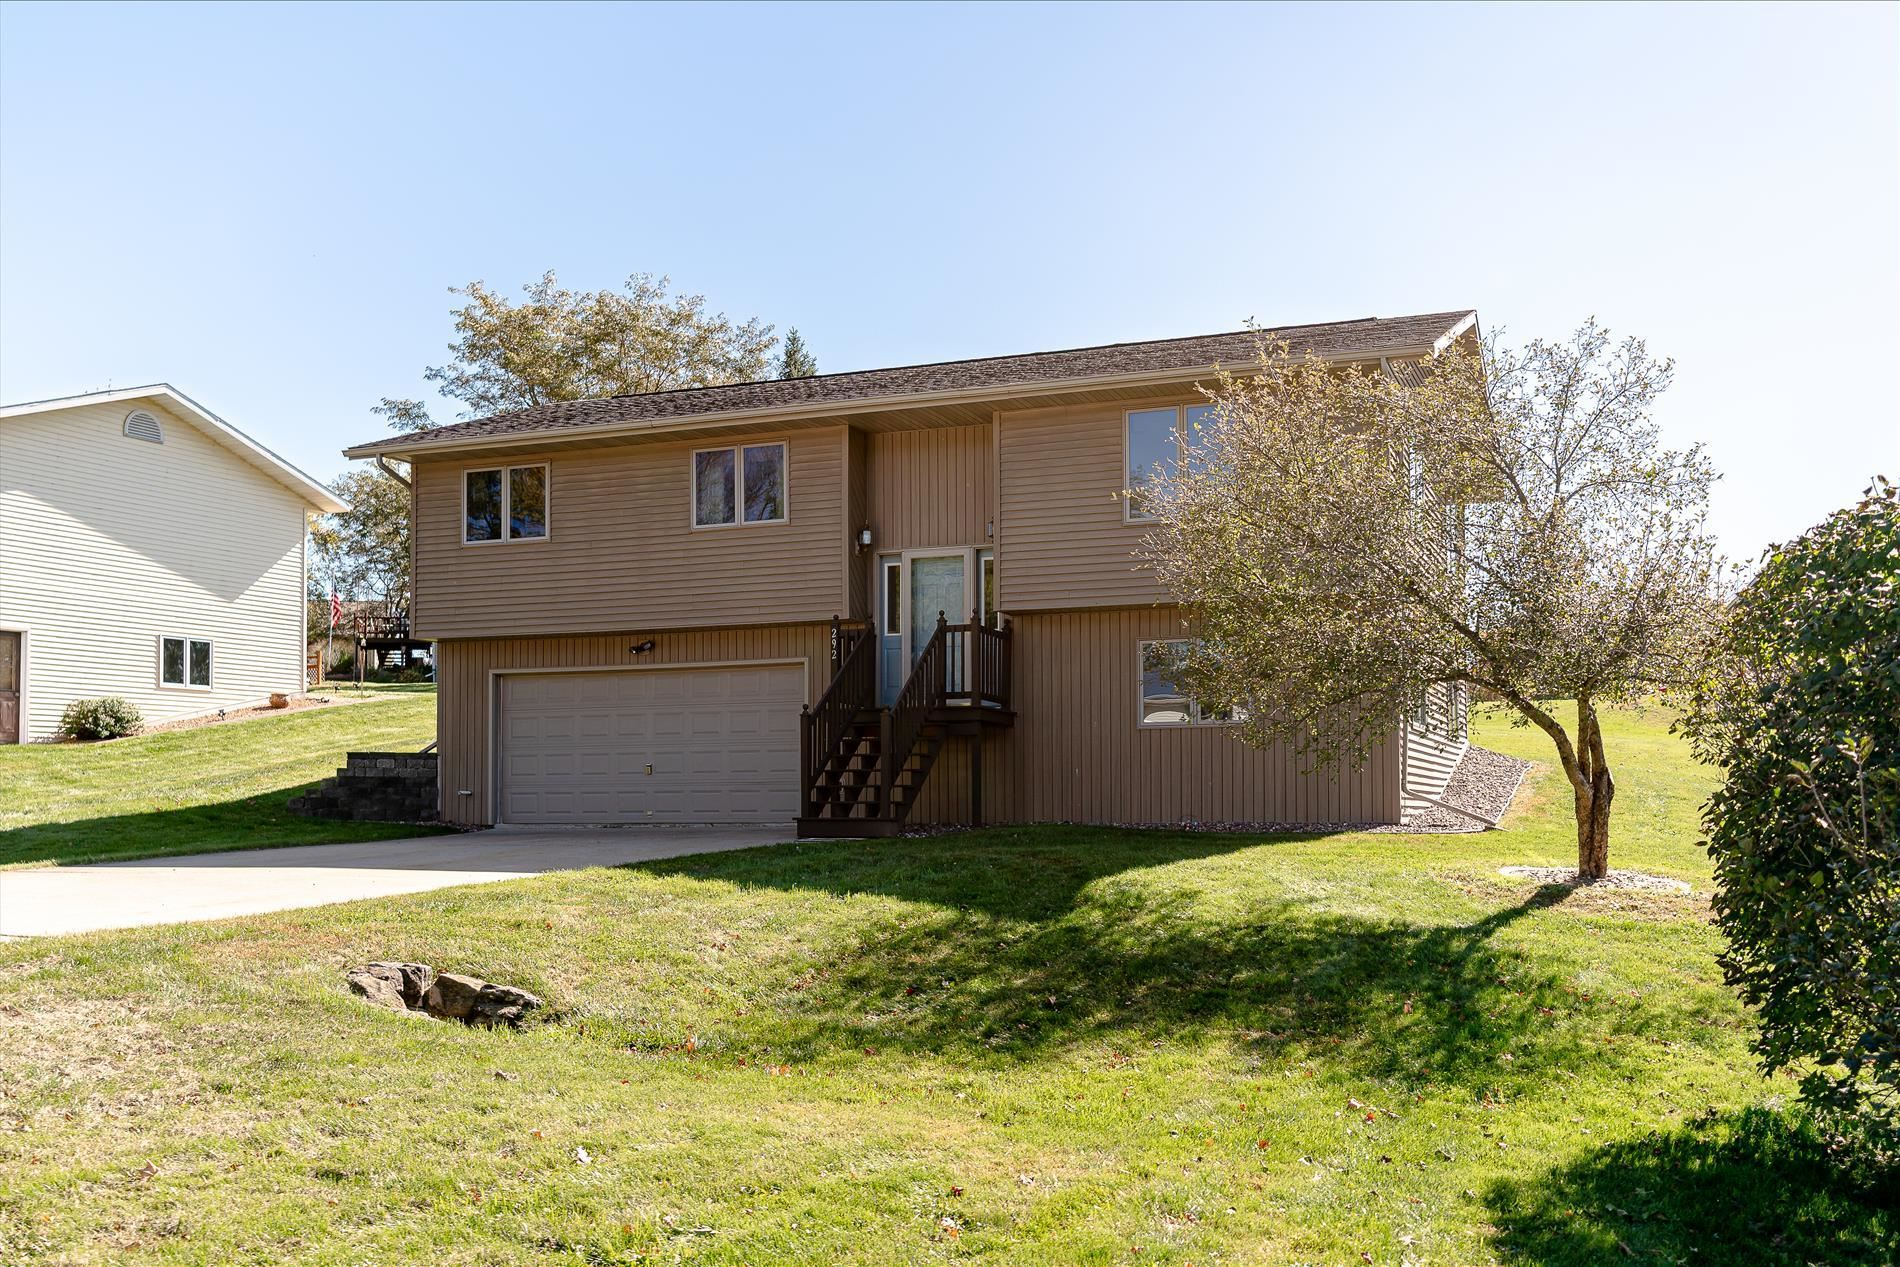 292 E Lakeview Dr, La Farge, WI 54639 - MLS#: 1714151